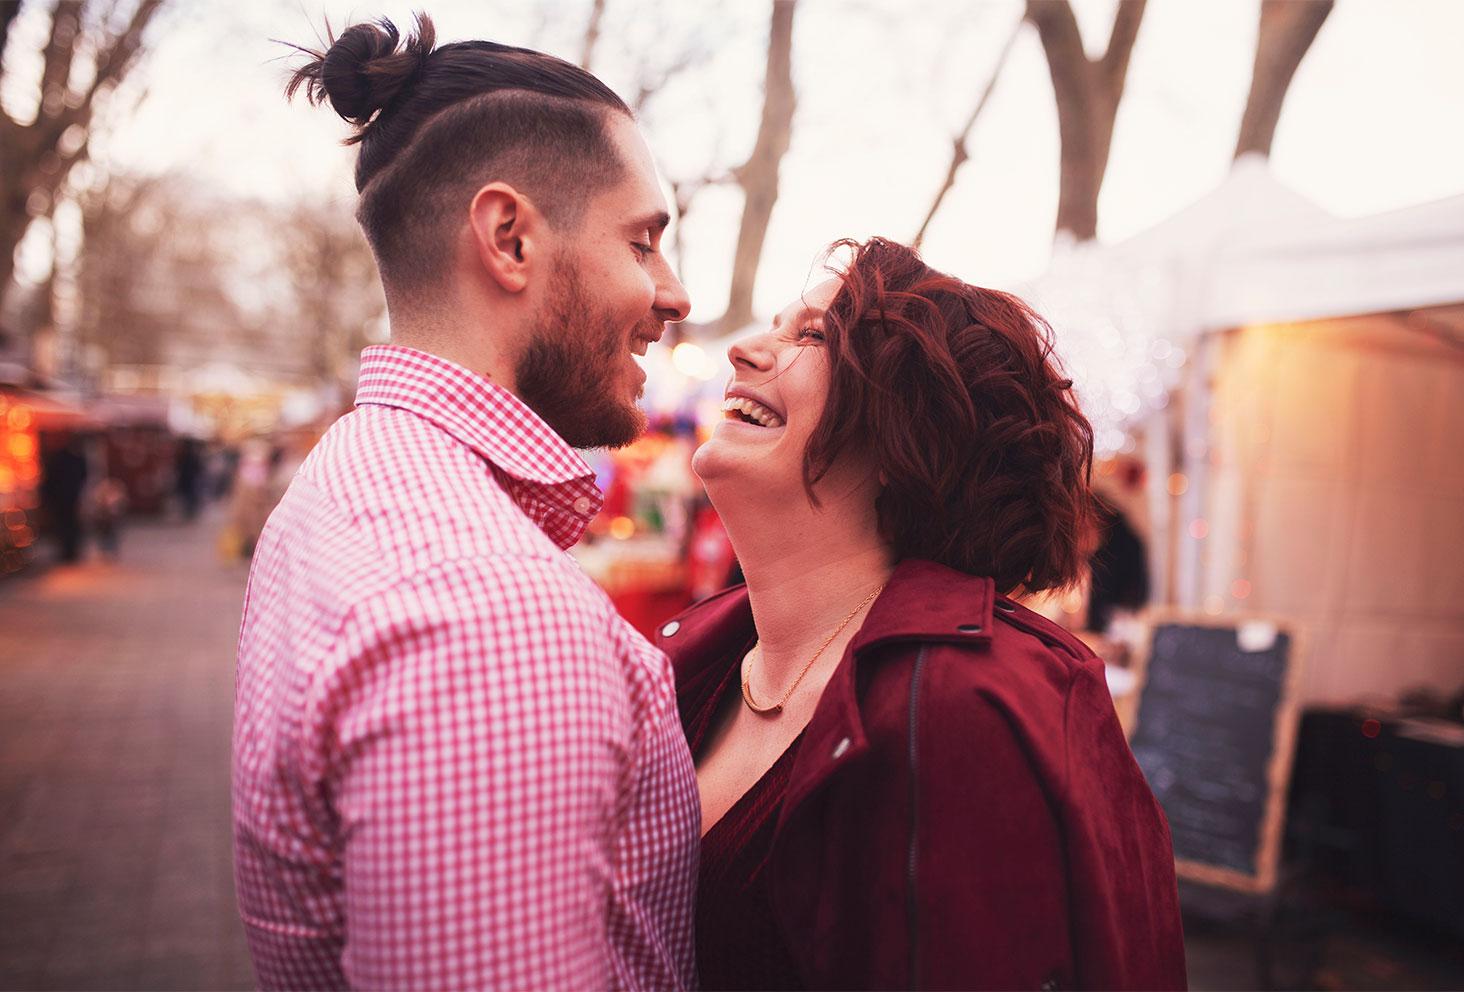 En amoureux sur le marché de Noël, les yeux dans les yeux avec le sourire